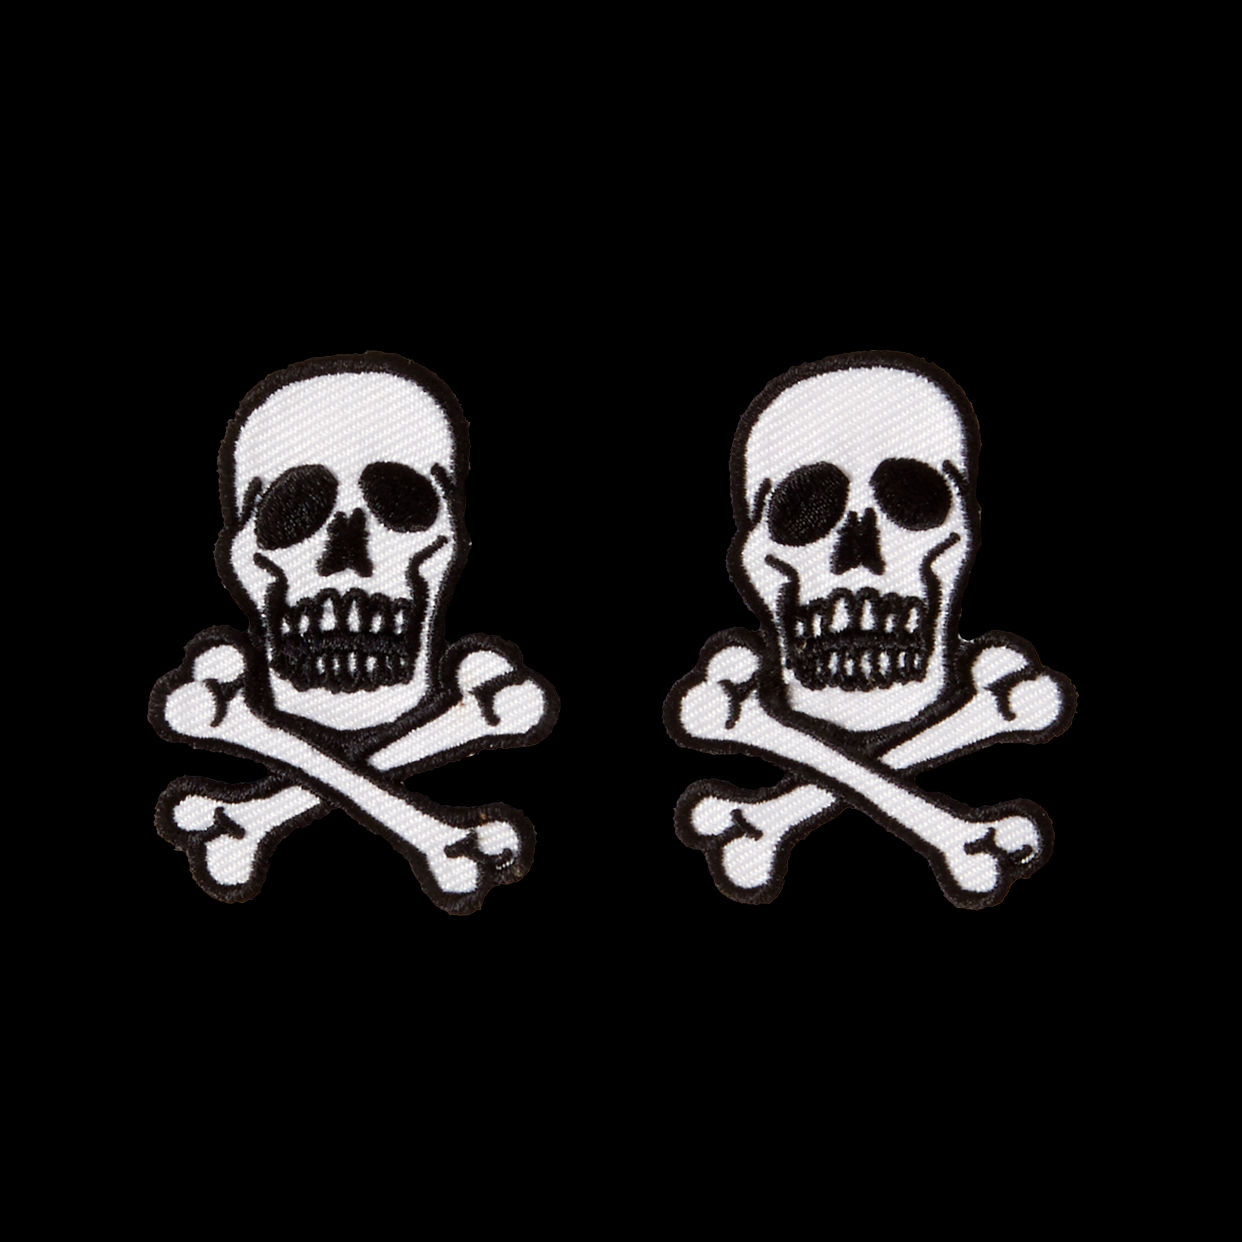 Skull And Bones Pair Patch Speedcult